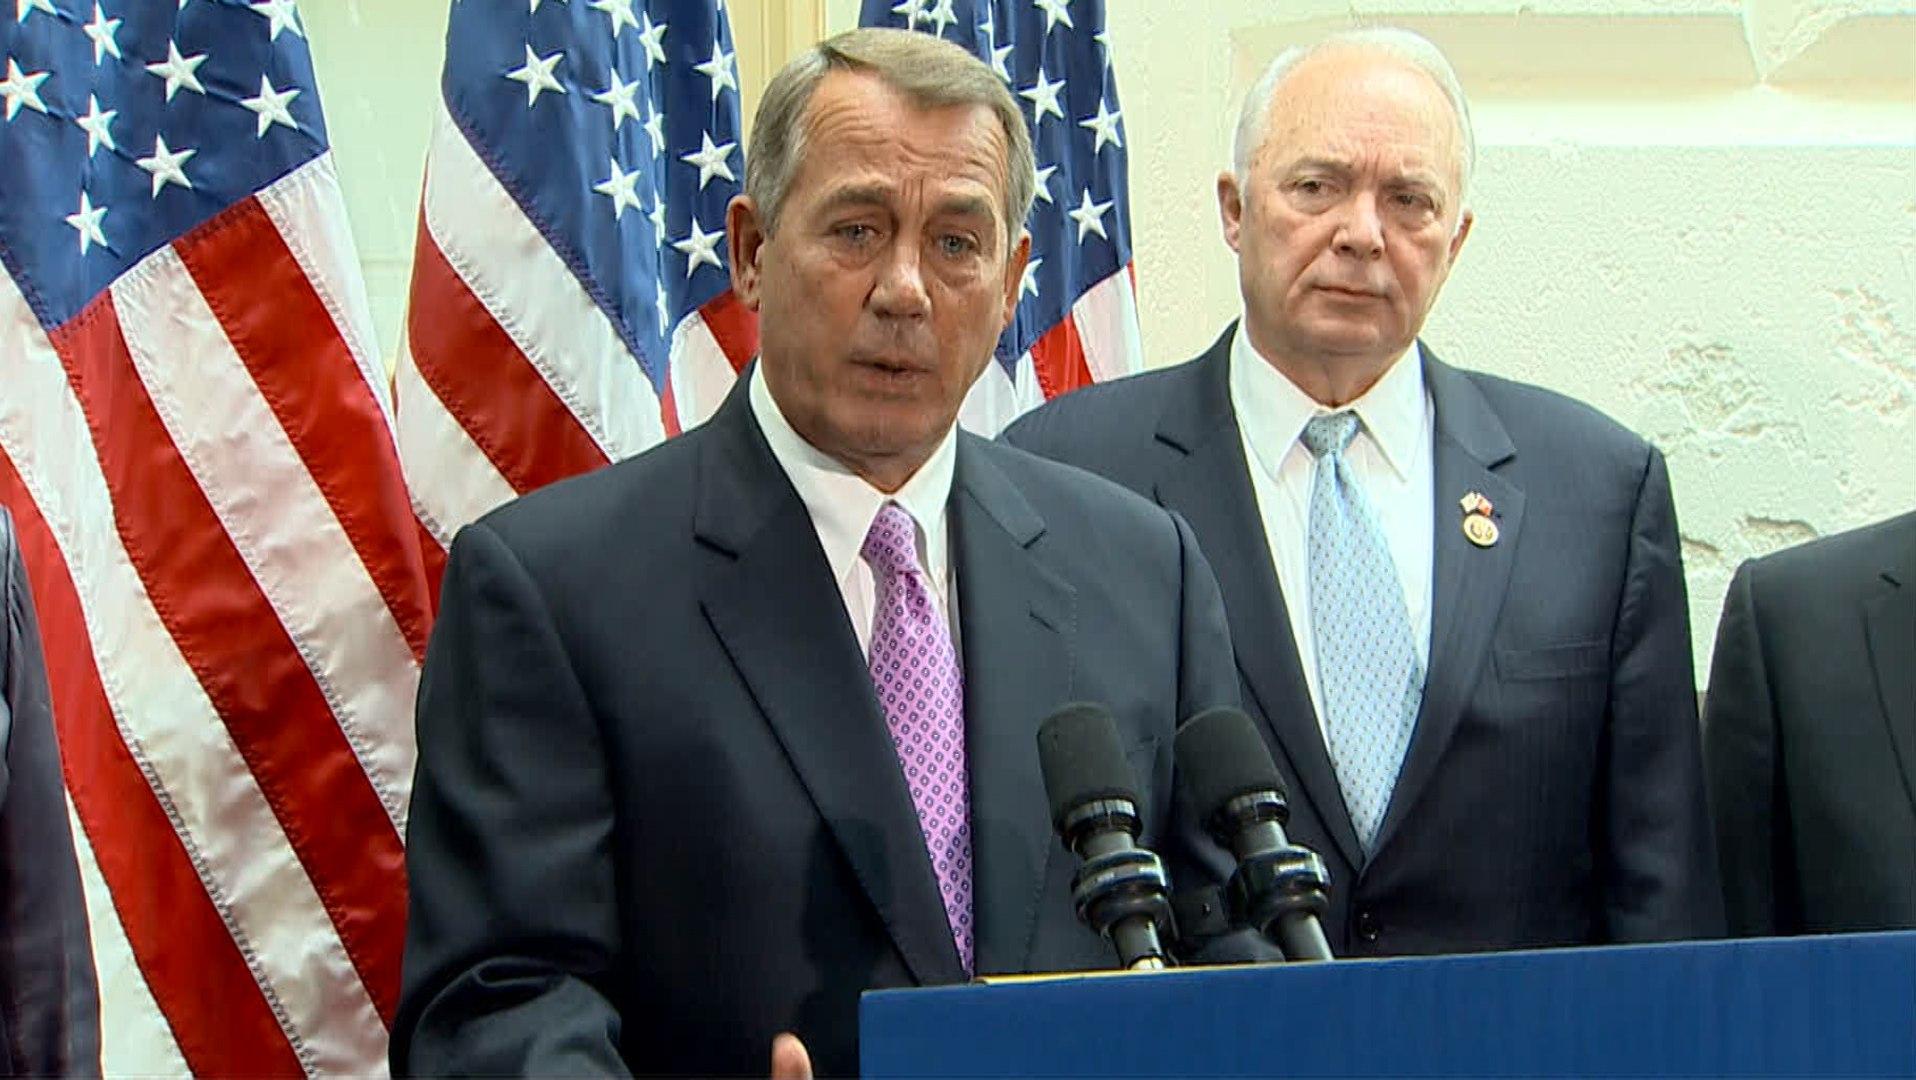 Forget Beast Mode, Mr. Speaker Is Going 'Boehner Mode'